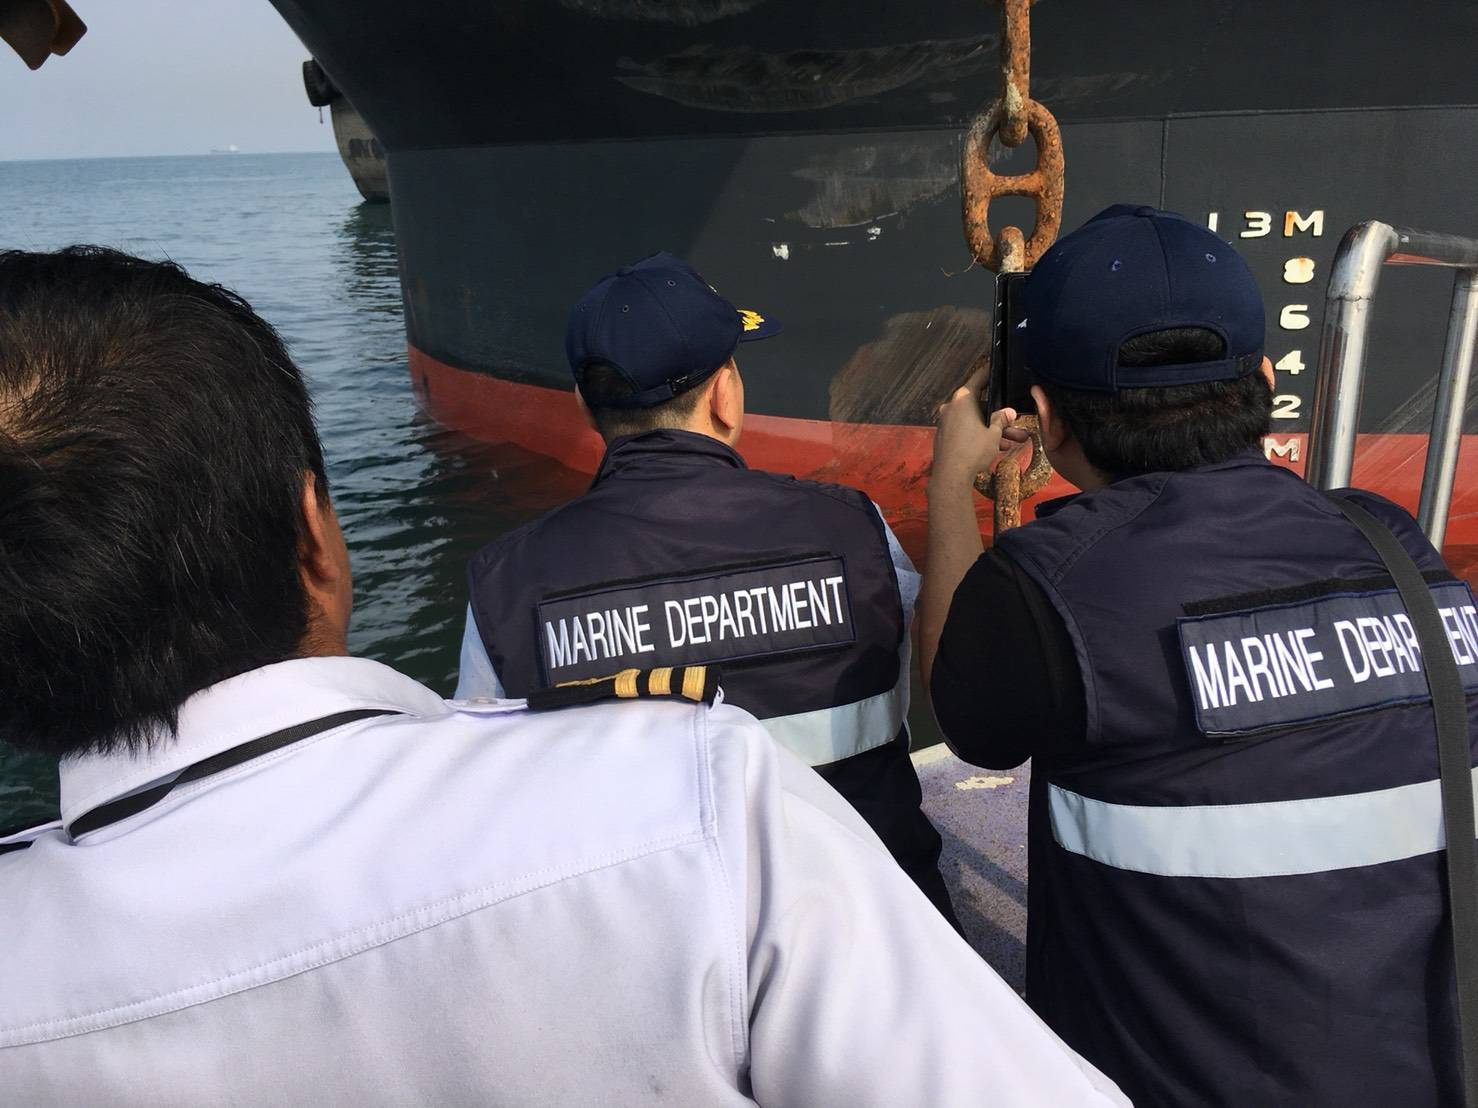 เรือสินค้าชนเรือประมงกลางทะเลสัตหีบ ลูกเรือเสียชีวิต 4 คน